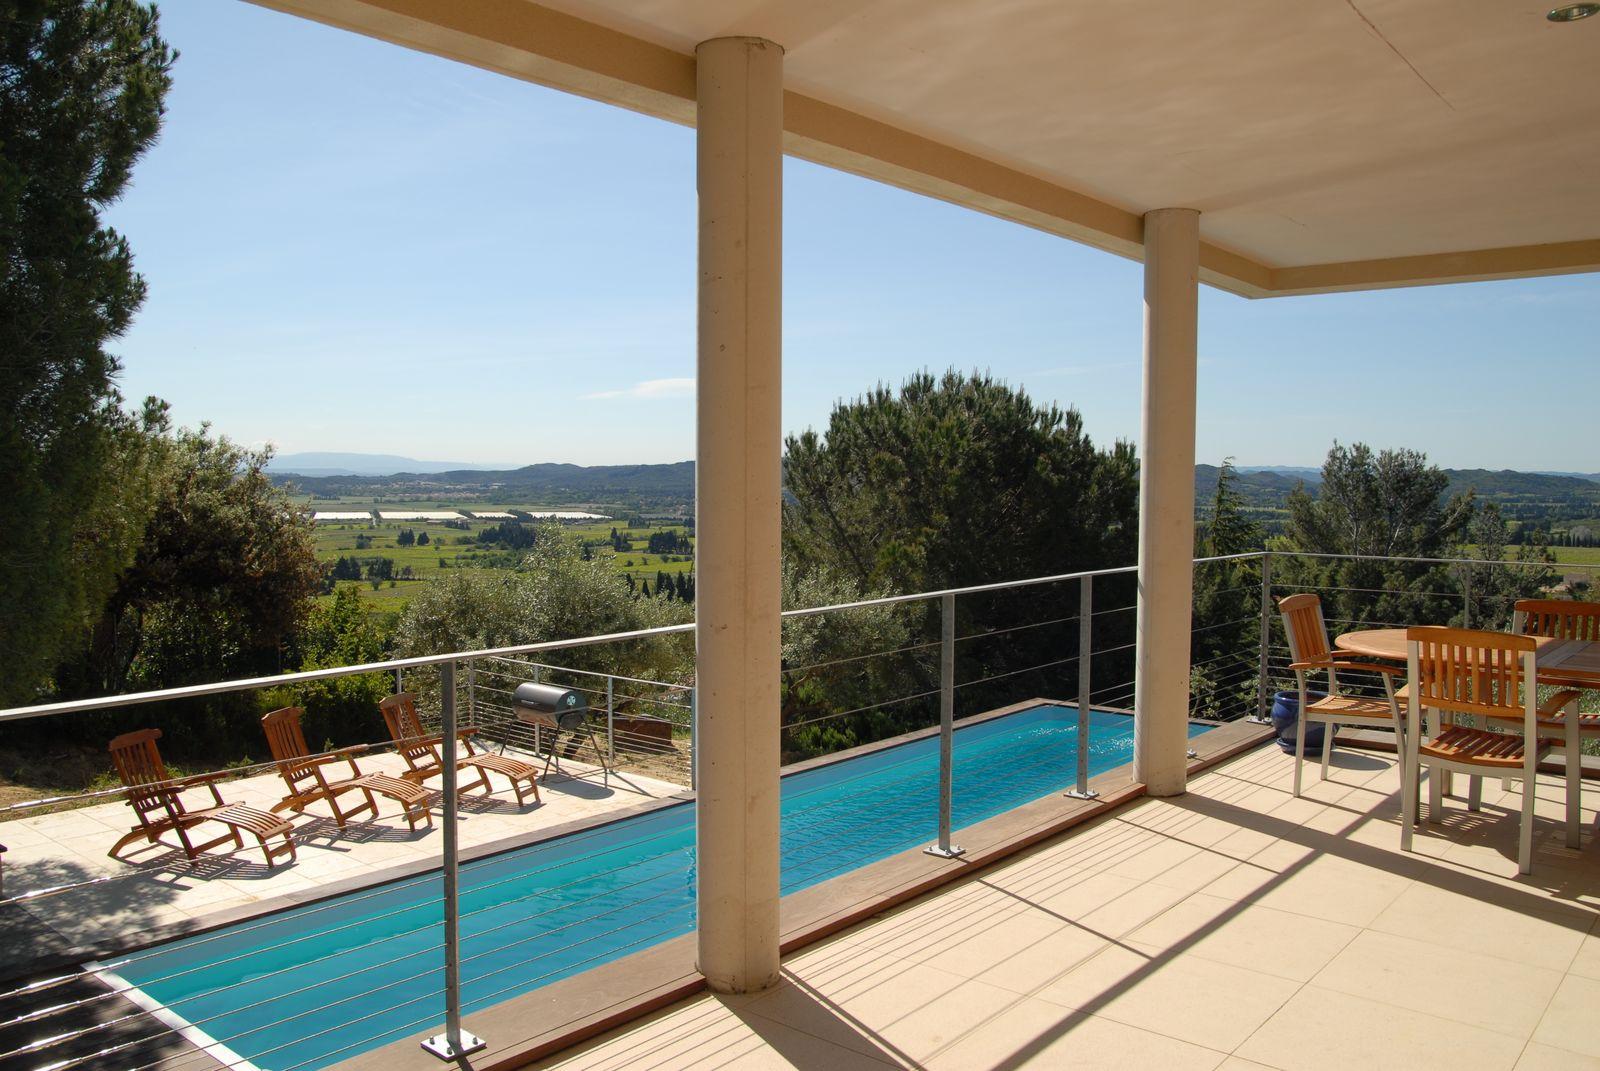 Afbeelding van Villa La Vue 1 - luxe vakantiehuis met zwembad in Frankrijk